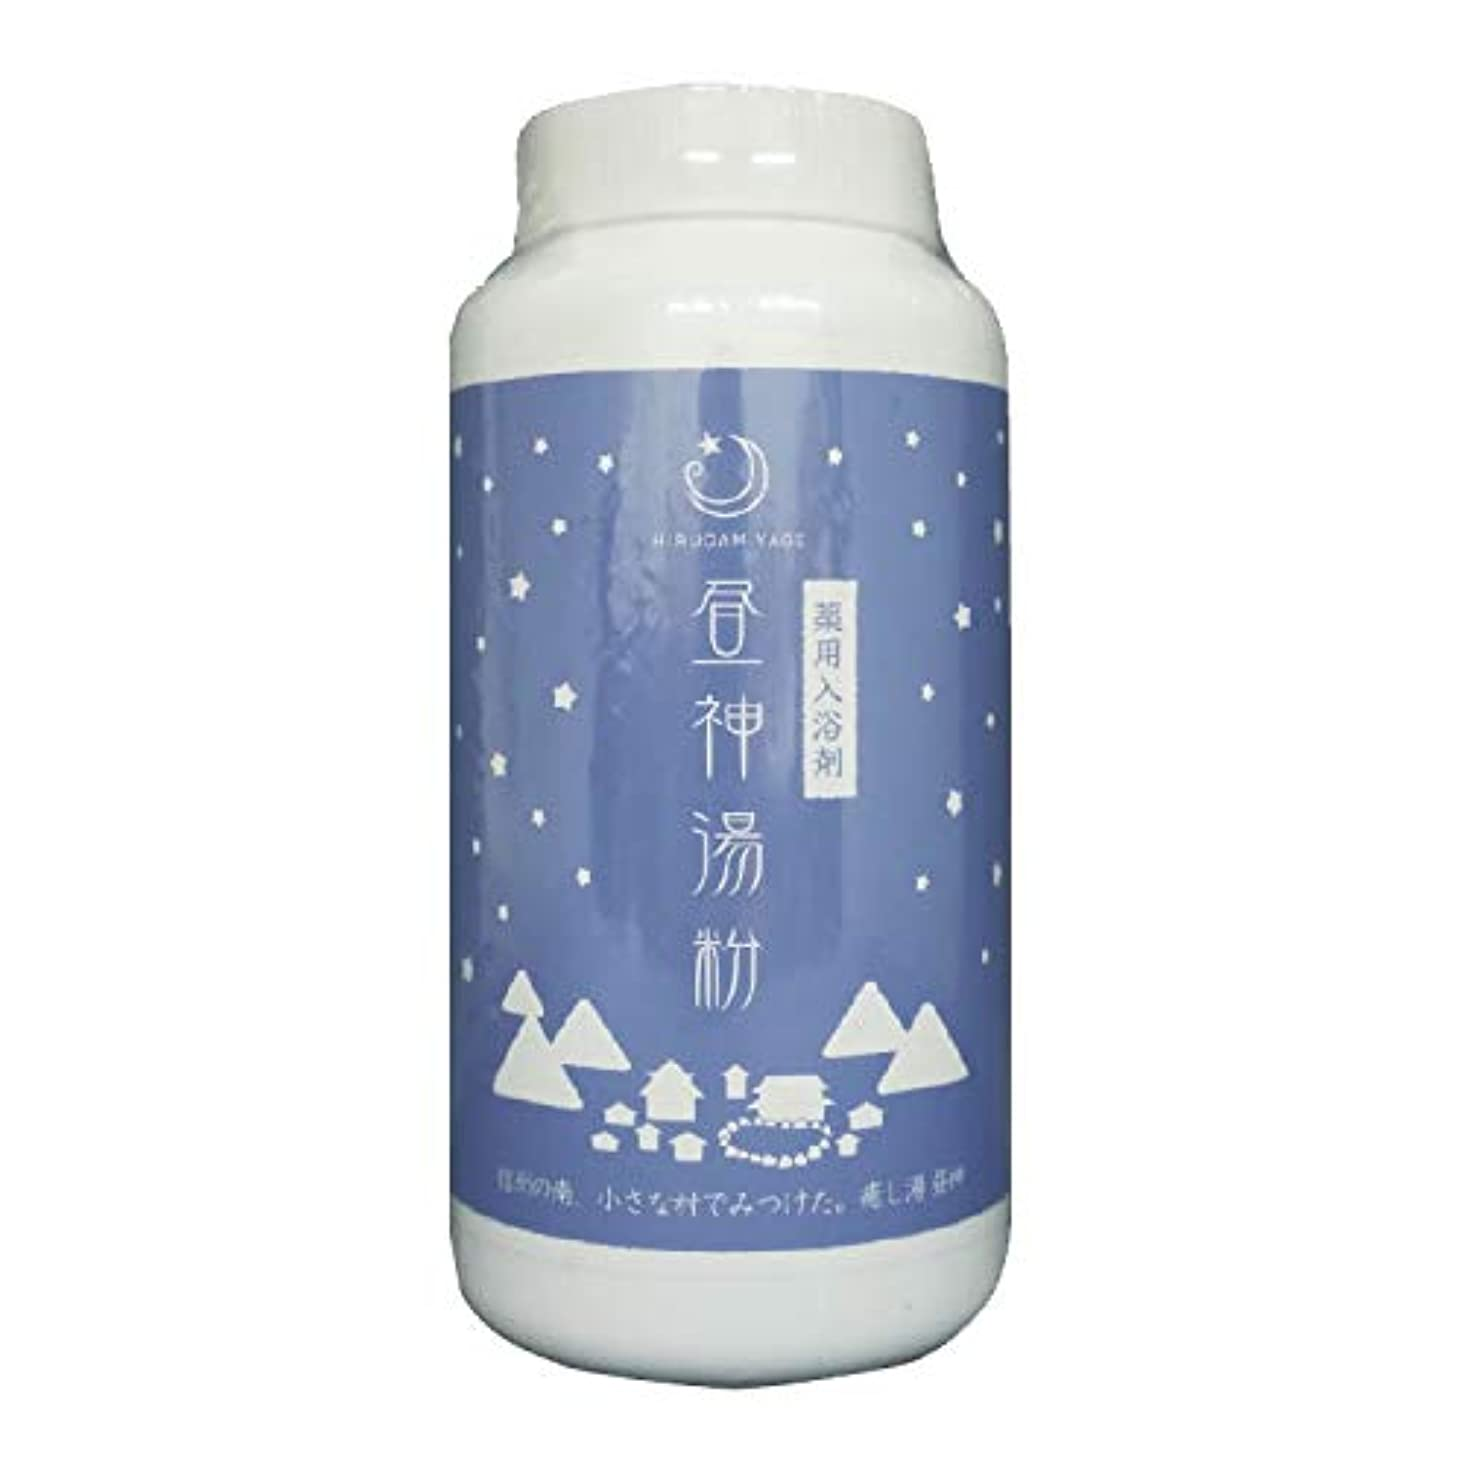 るボーダー不機嫌昼神の湯 薬用入浴剤(医薬部外品)ボトル 昼神温泉郷